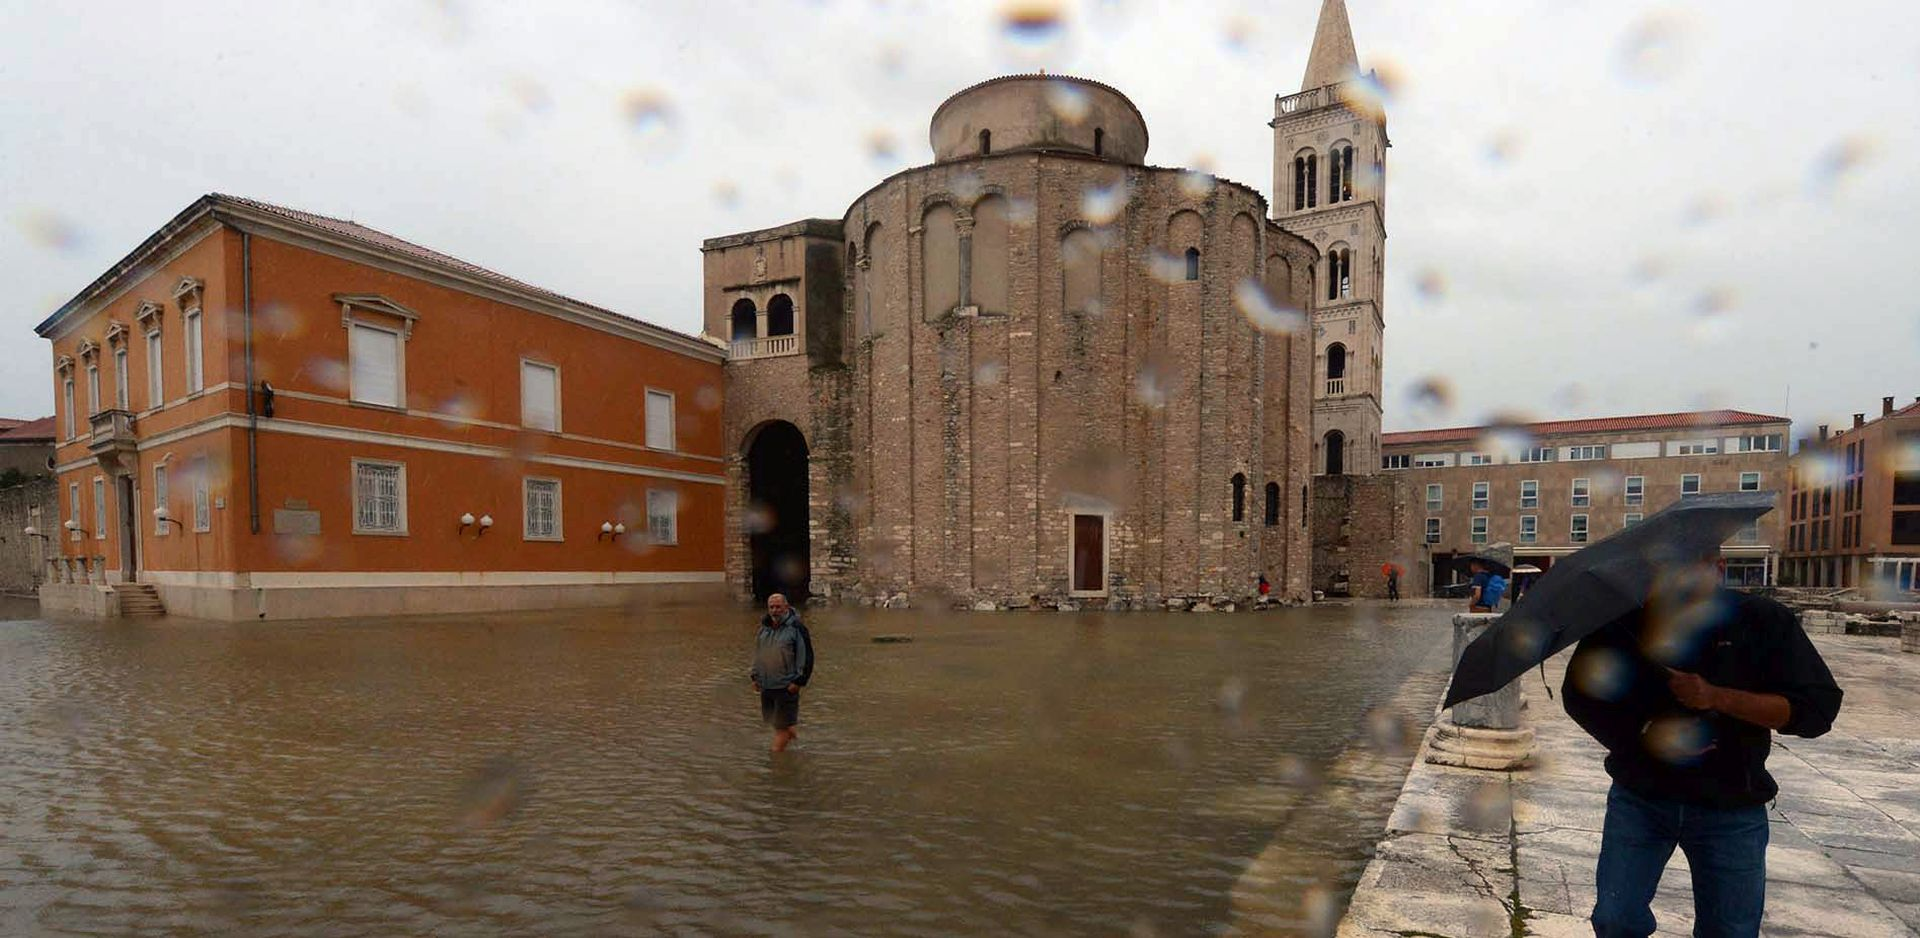 Nakon poplave u Zadru sanirane javne ustanove, slijedi sanacija domaćinstava